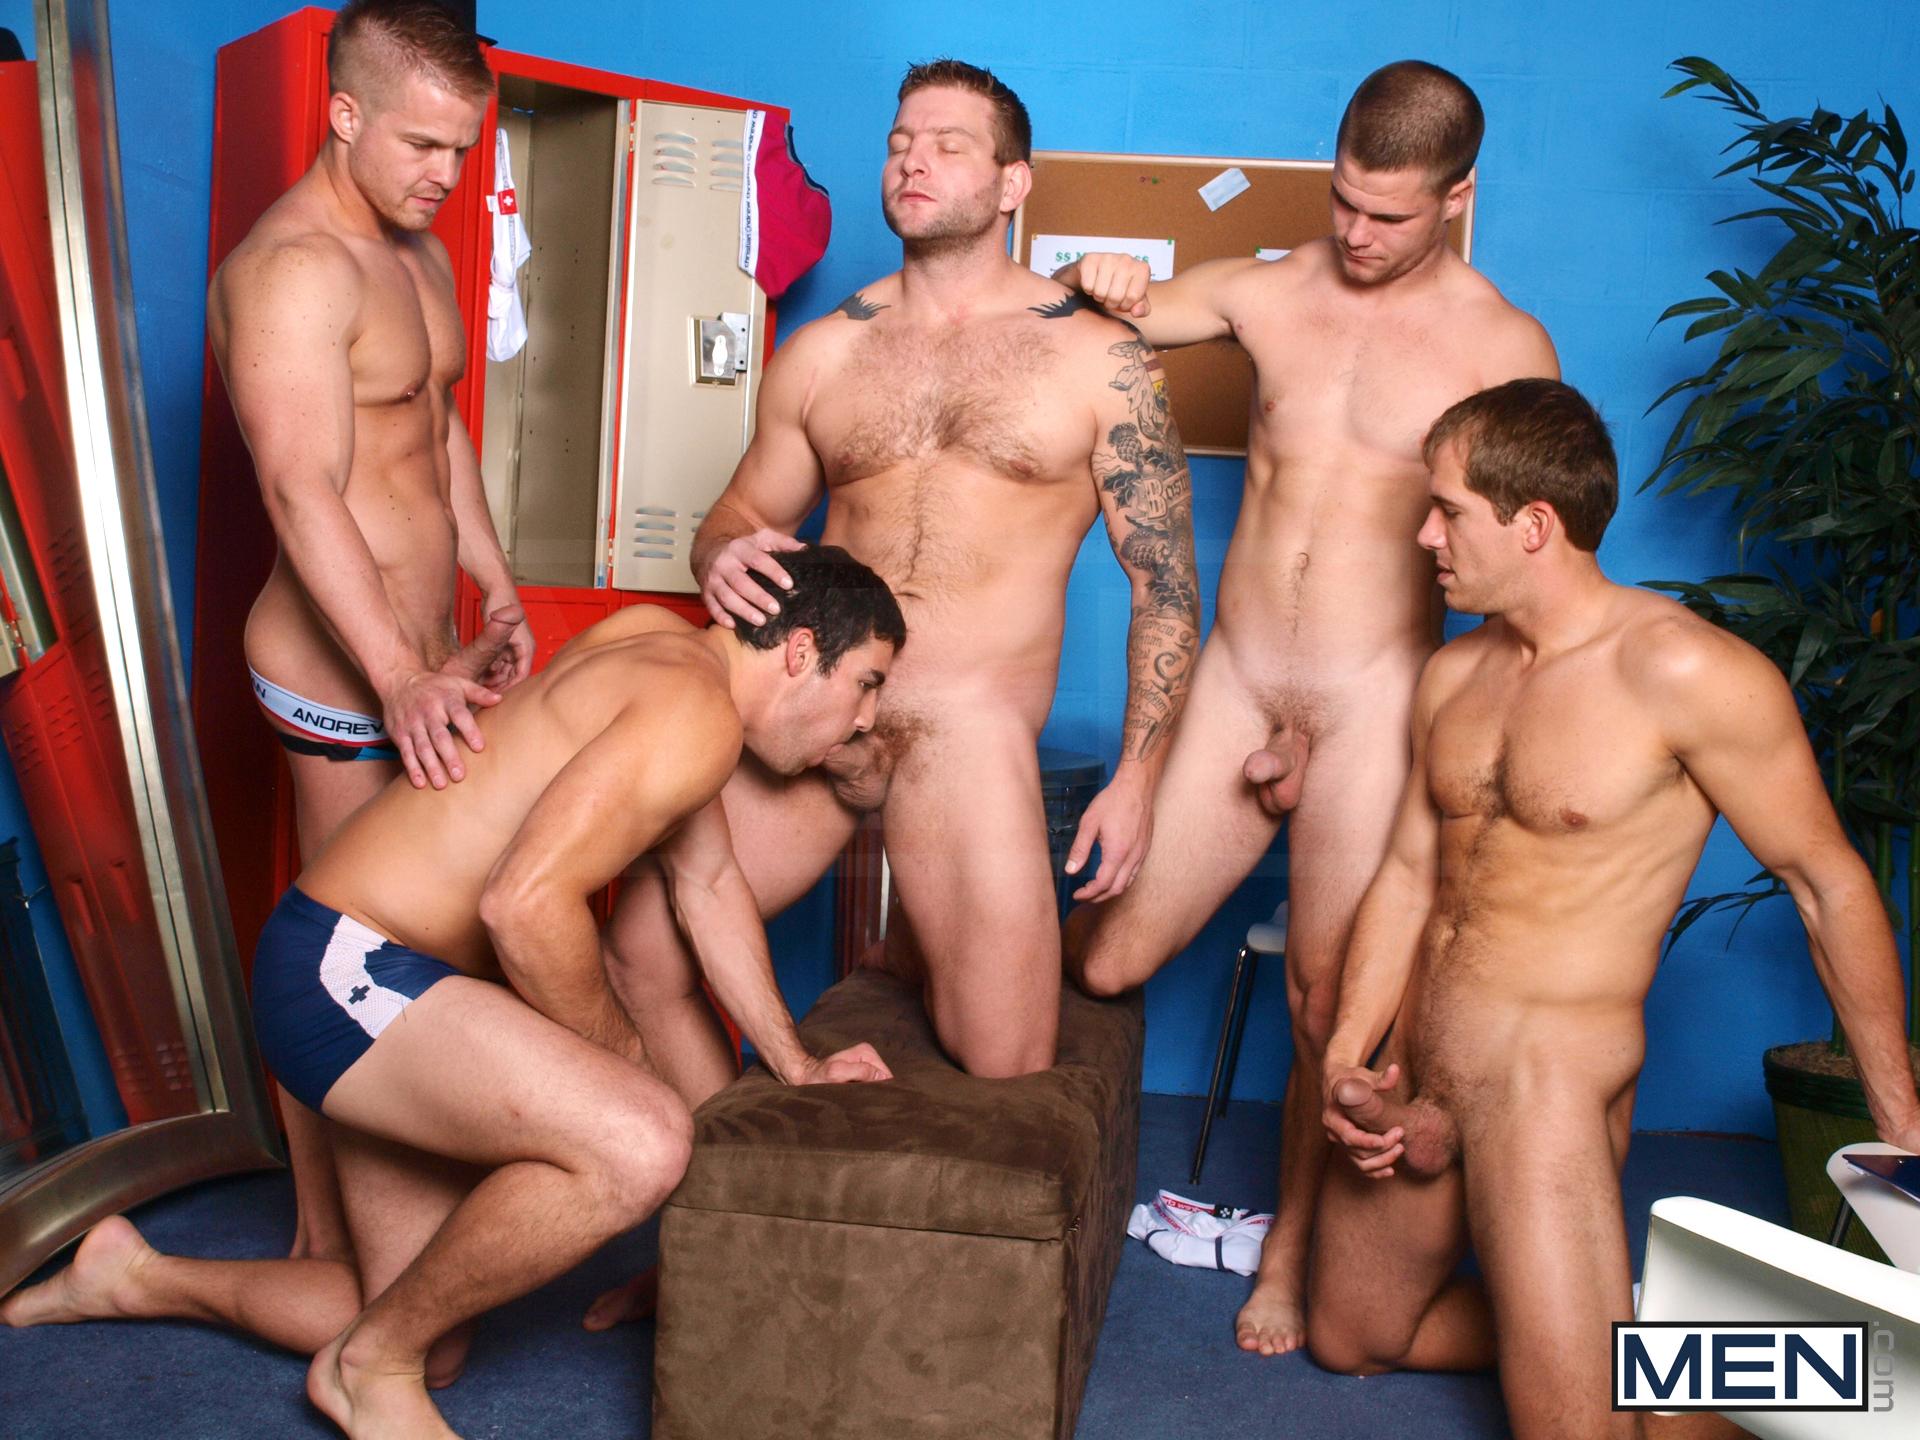 Orgy gay stripper